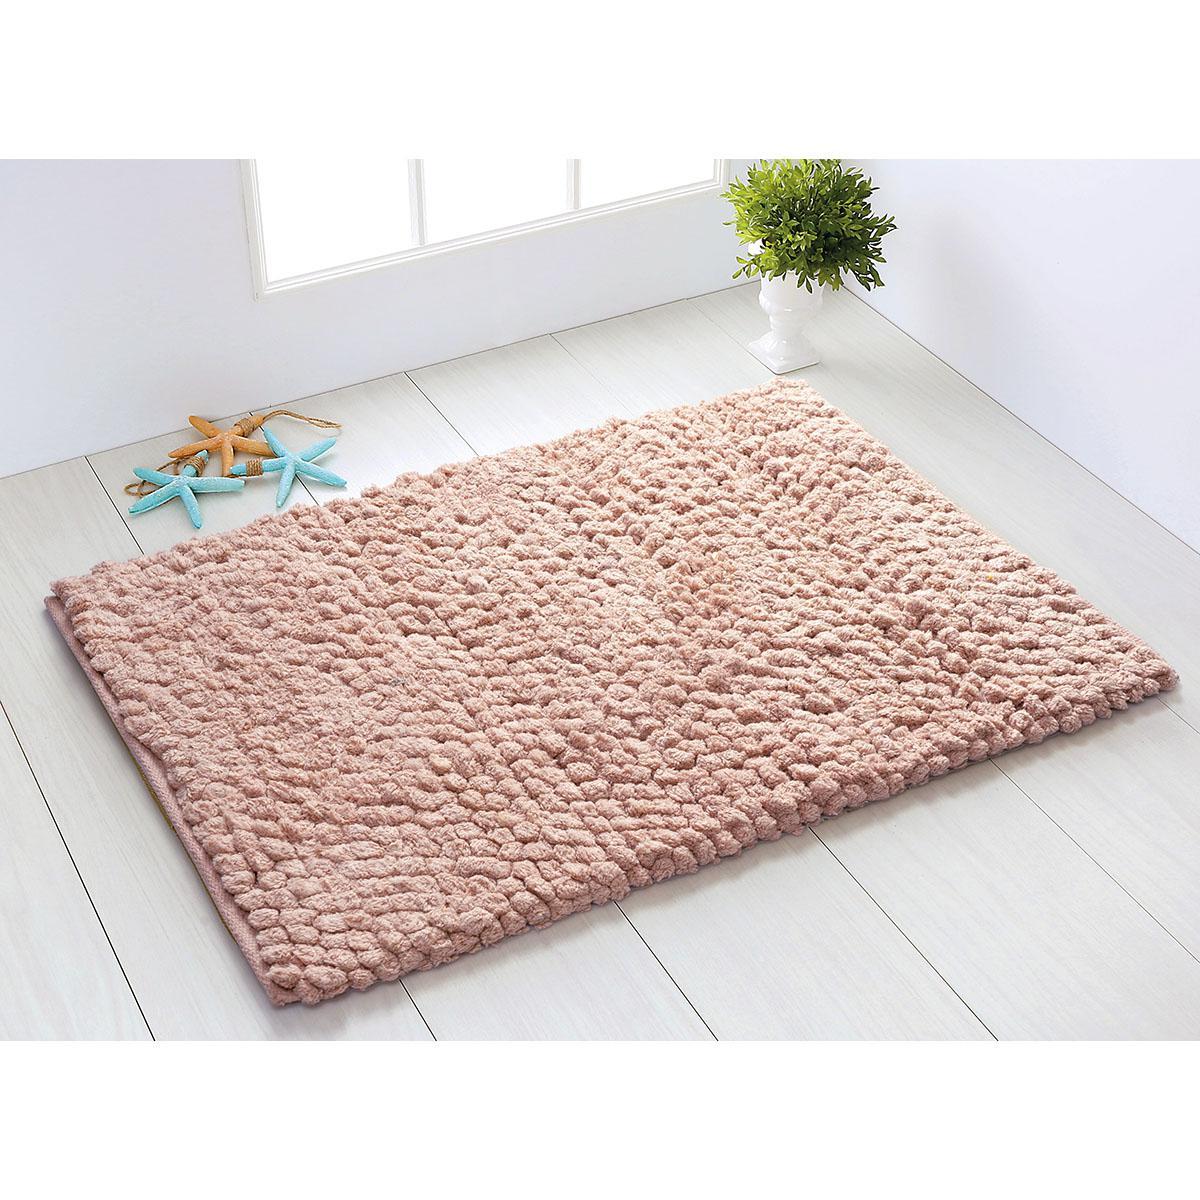 Ταπέτο μπάνιου Art 3283 60×90 Ροζ Beauty Home